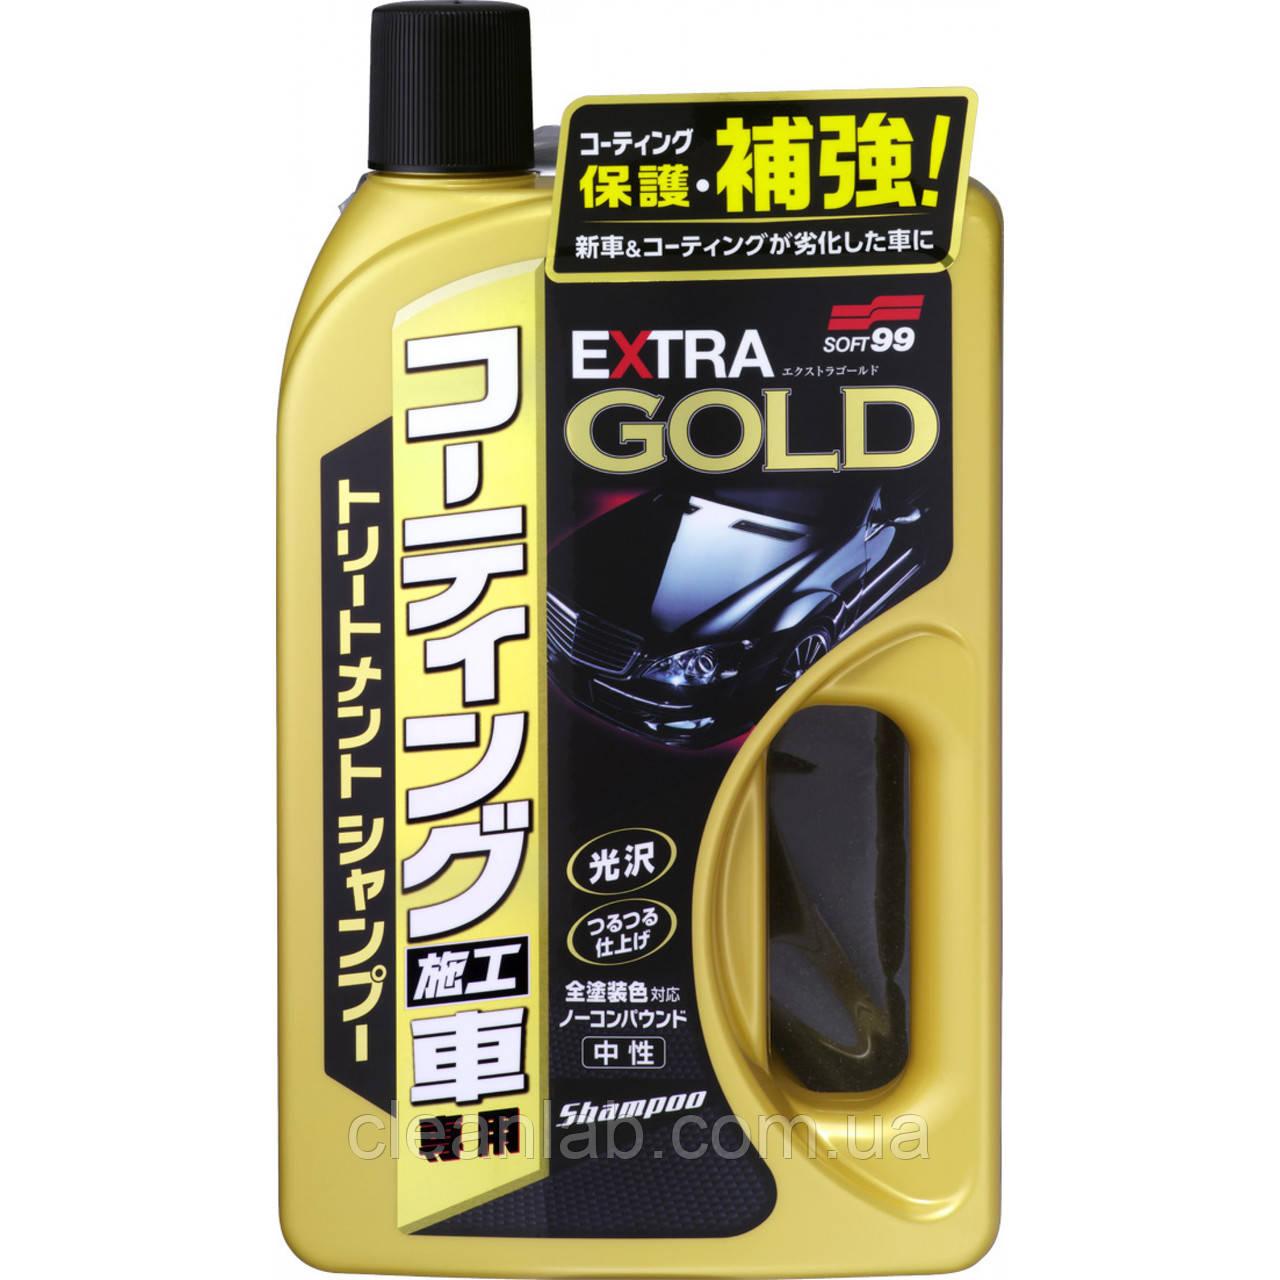 Шампунь Soft99 04287 -Extra Gold-  — для автомобилей покрытых защитными составами